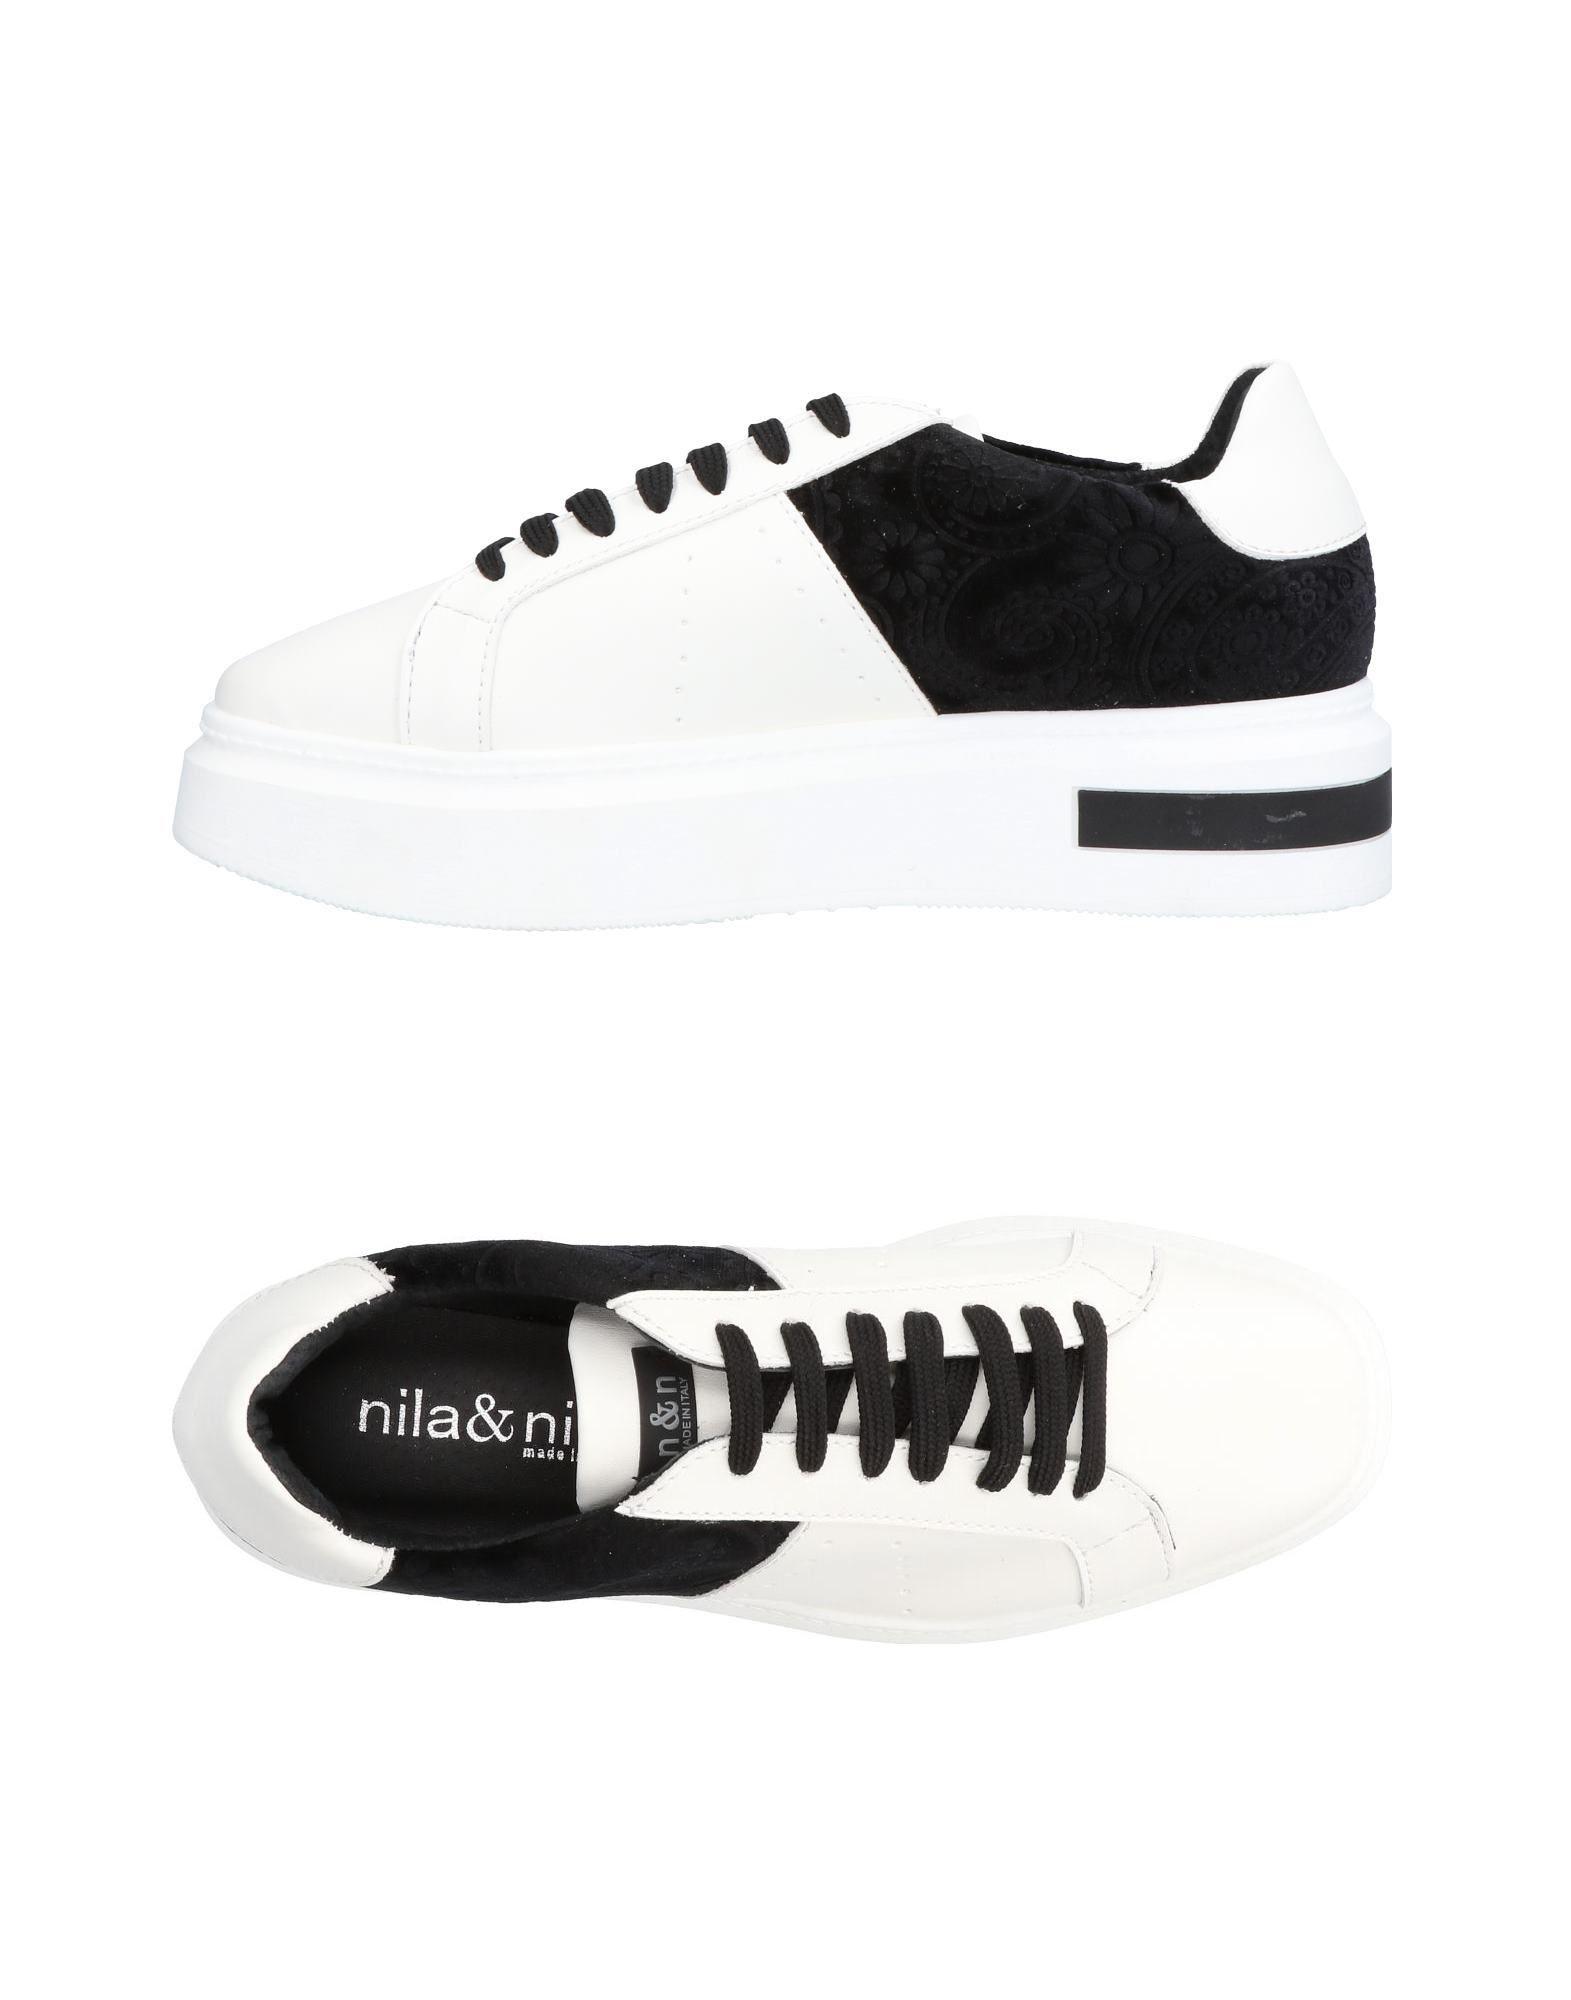 Nila & Nila Sneakers Damen  11474231XE Gute Qualität beliebte Schuhe